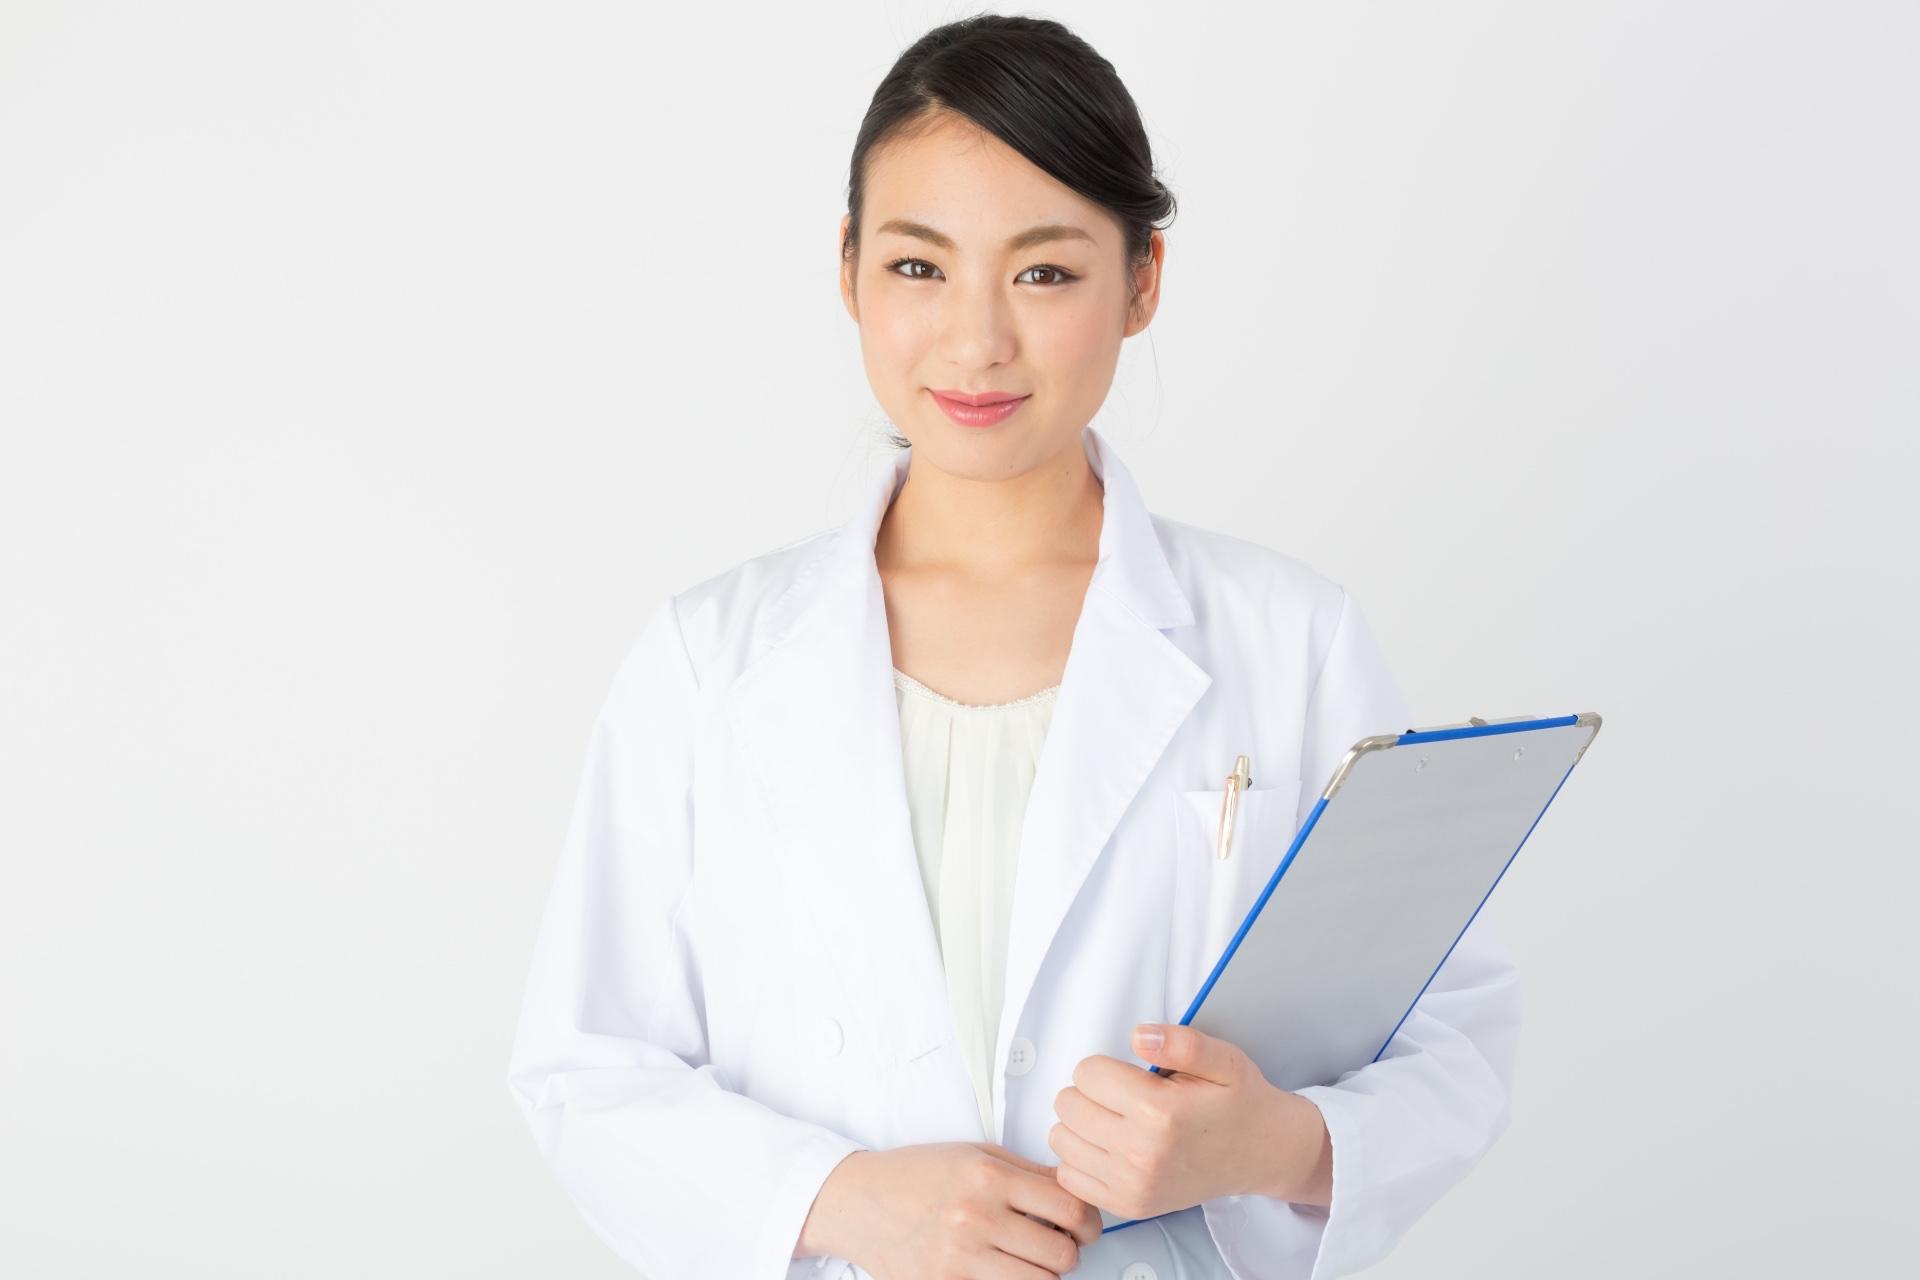 西日本の人は、東日本の人よりも病院に行く回数が多い?